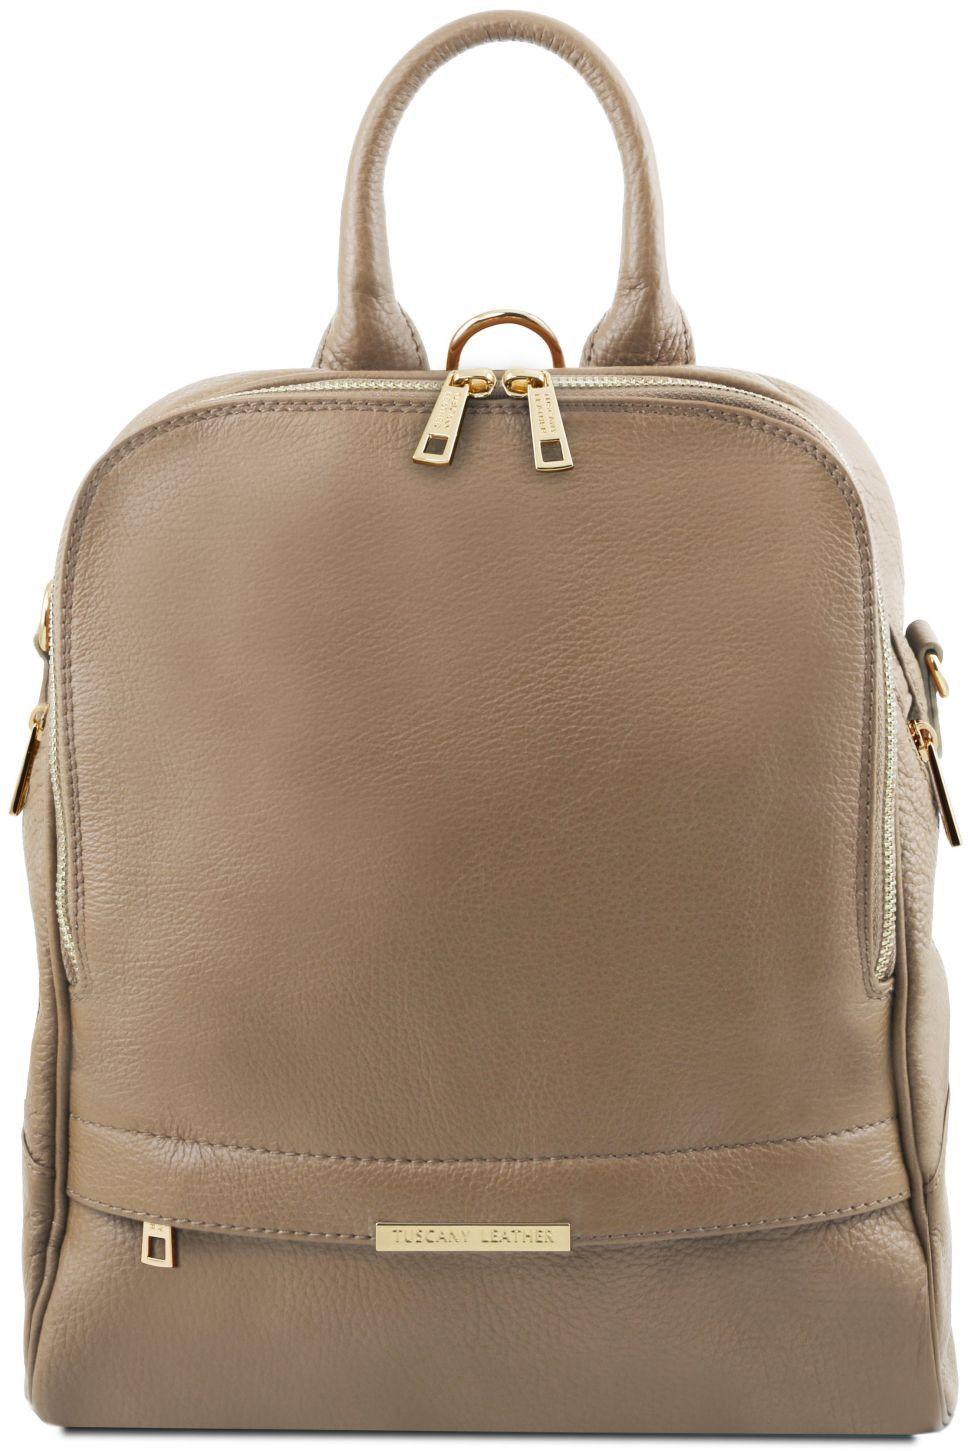 Γυναικεία Τσάντα Πλάτης Δερμάτινη TL141376 Σταχτί σκούρο Tuscany Leather c9651e404a8